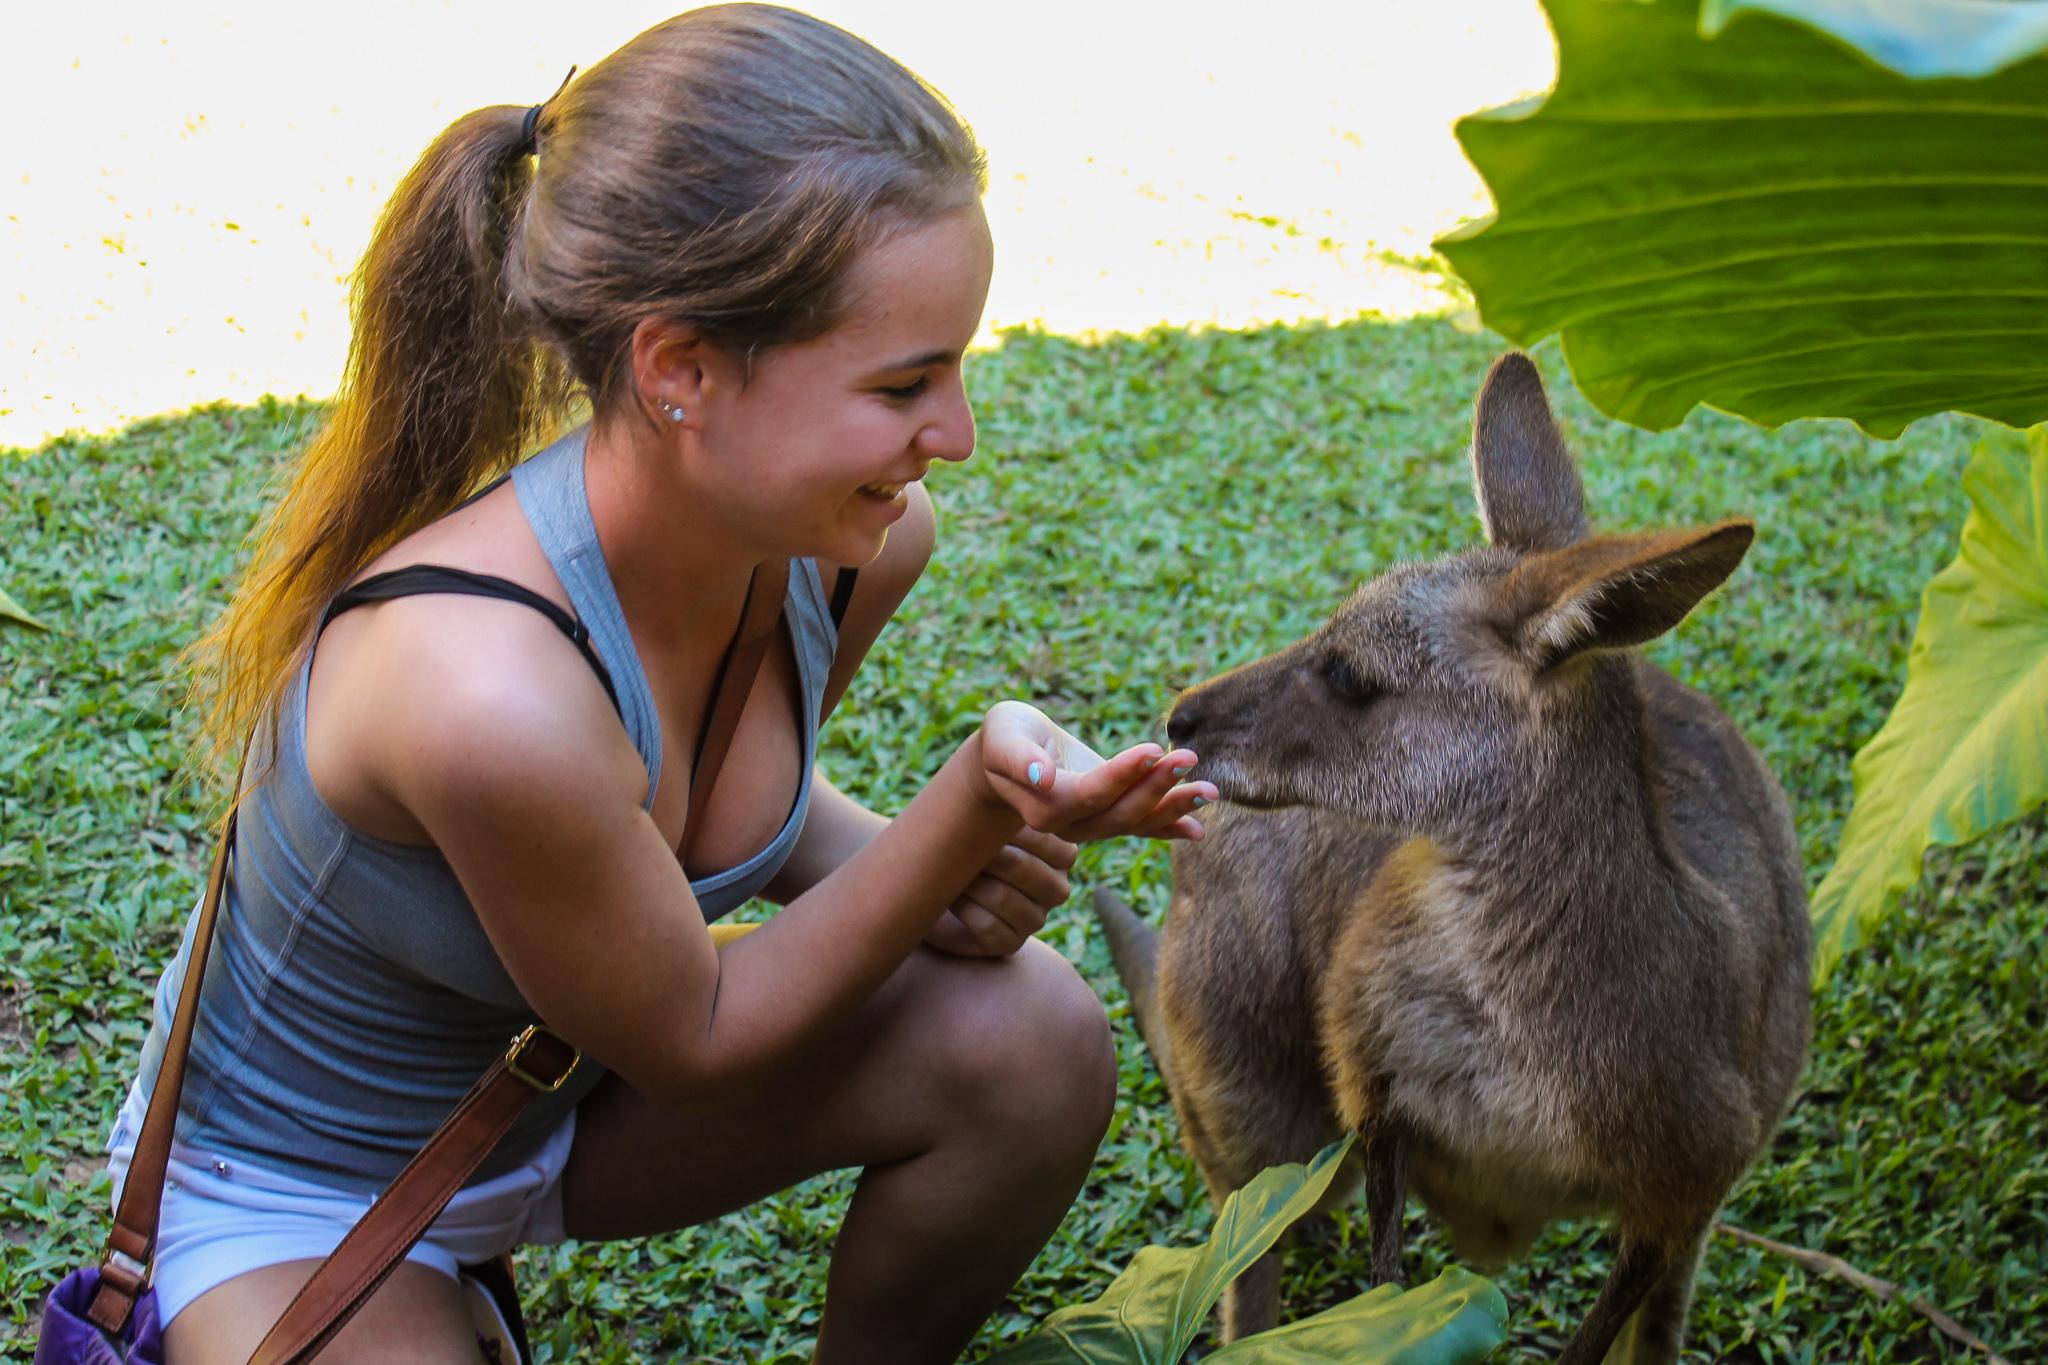 Summer Program - Group Travel | Travel For Teens: Australia for Older Teens